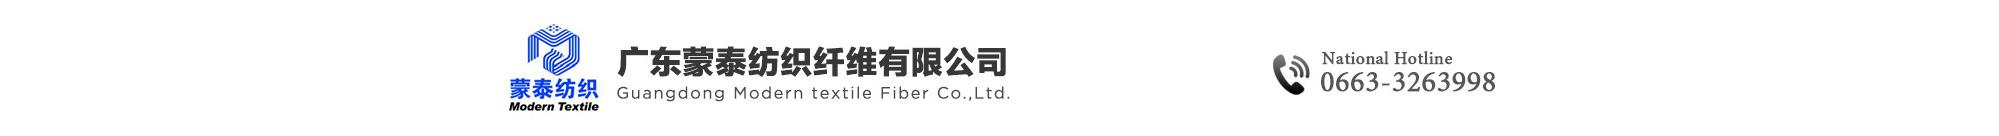 广东蒙泰高新纤维股份有限公司